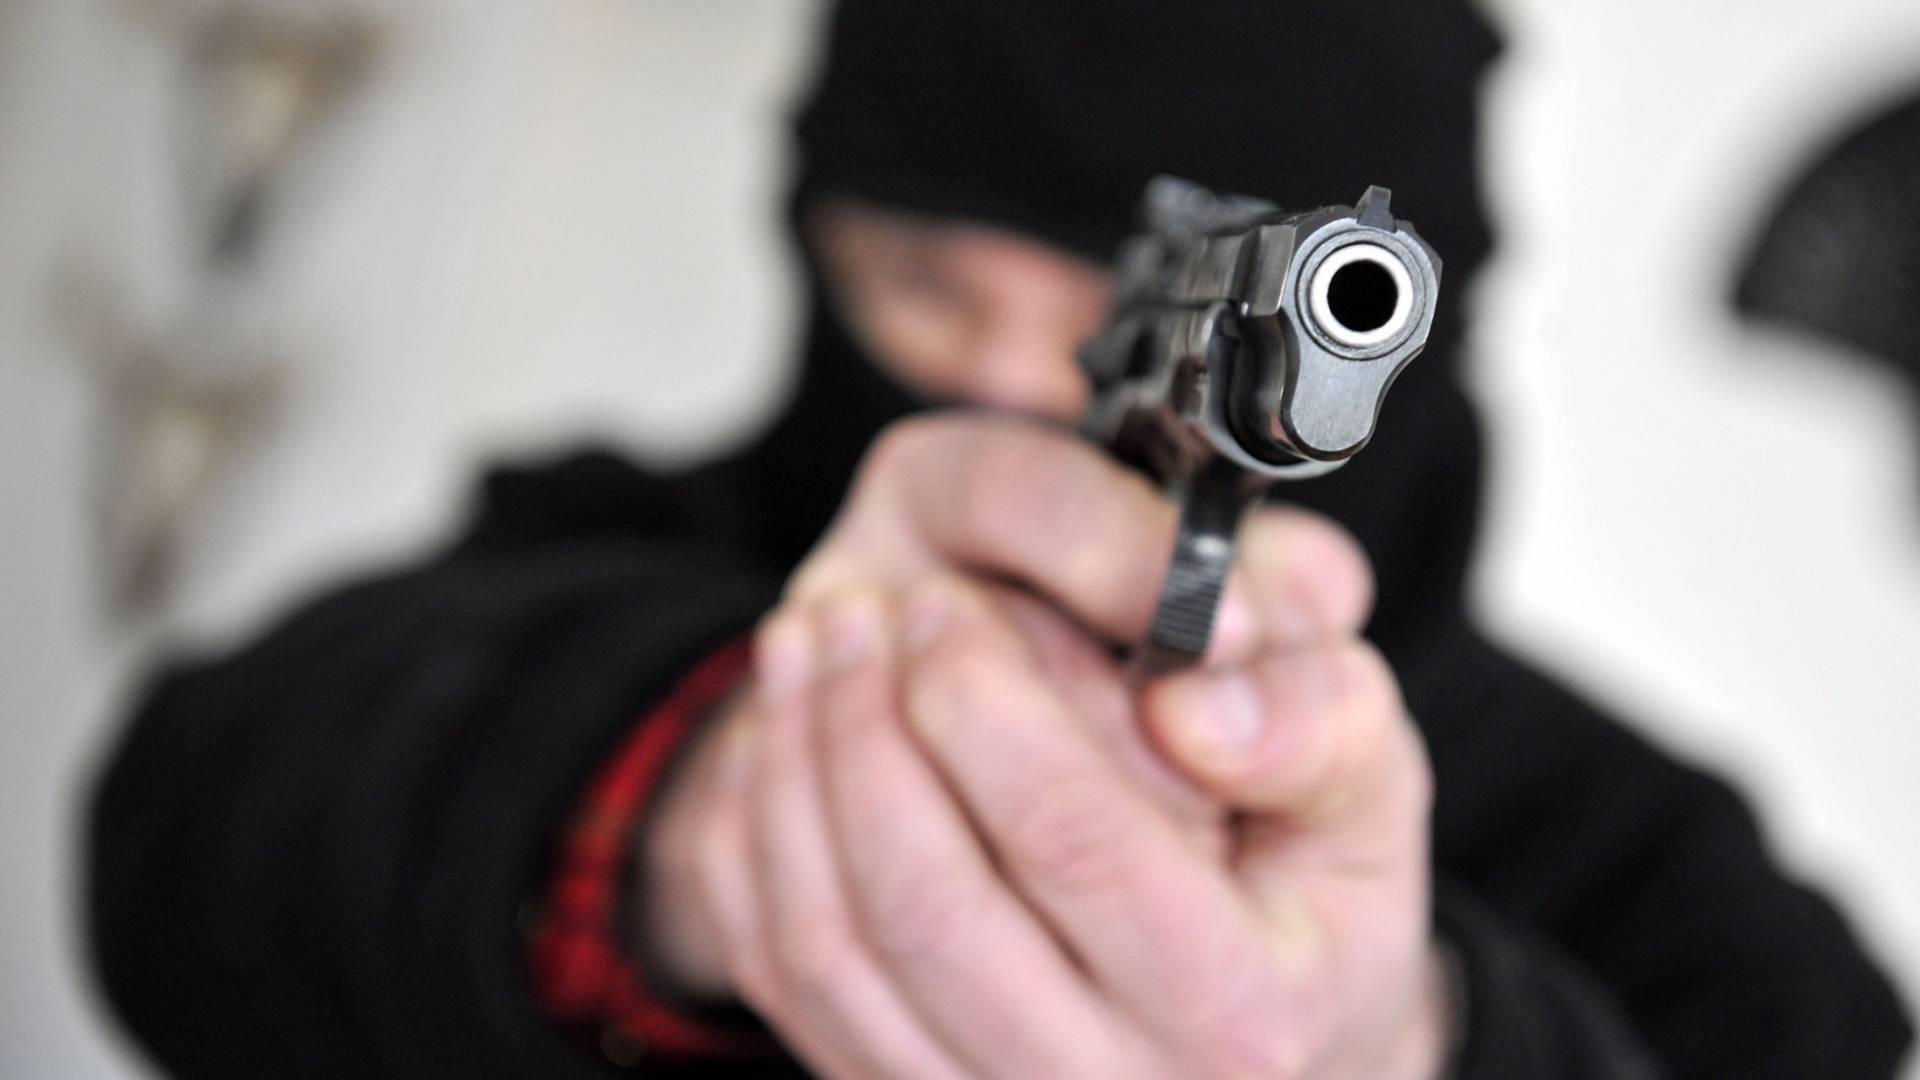 Mann mit Pistole kurz vor Angriff